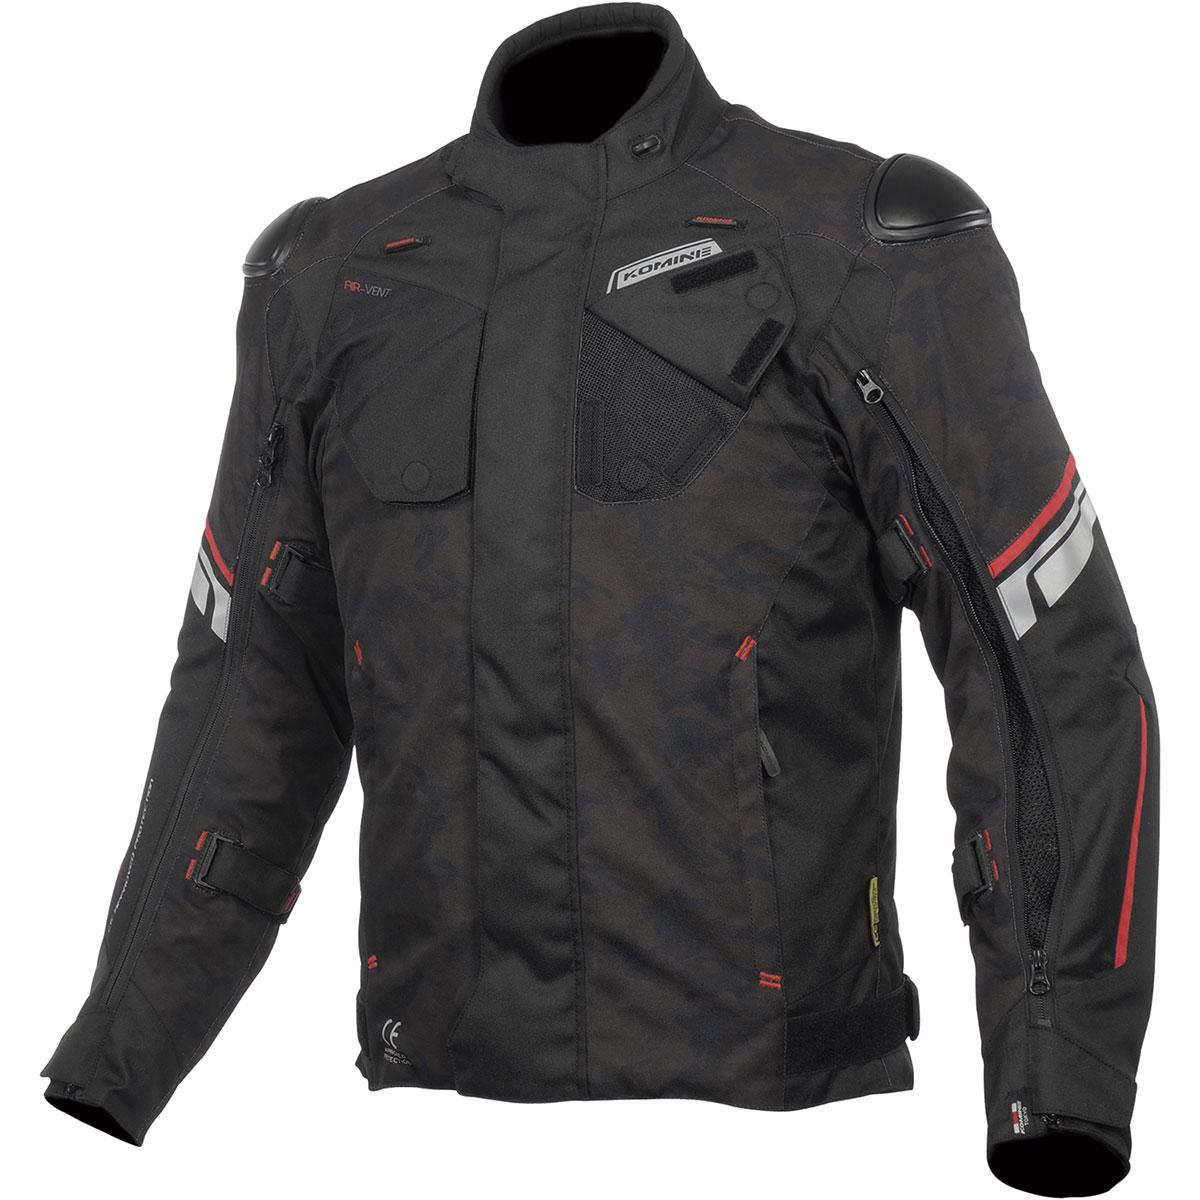 コミネ (Komine) バイク用 ジャケット Jacket JK-598 プロテクトフルイヤージャケット ブラックカモ/レッド 3XLサイズ 07-598/BK-CAM/RD/3XL